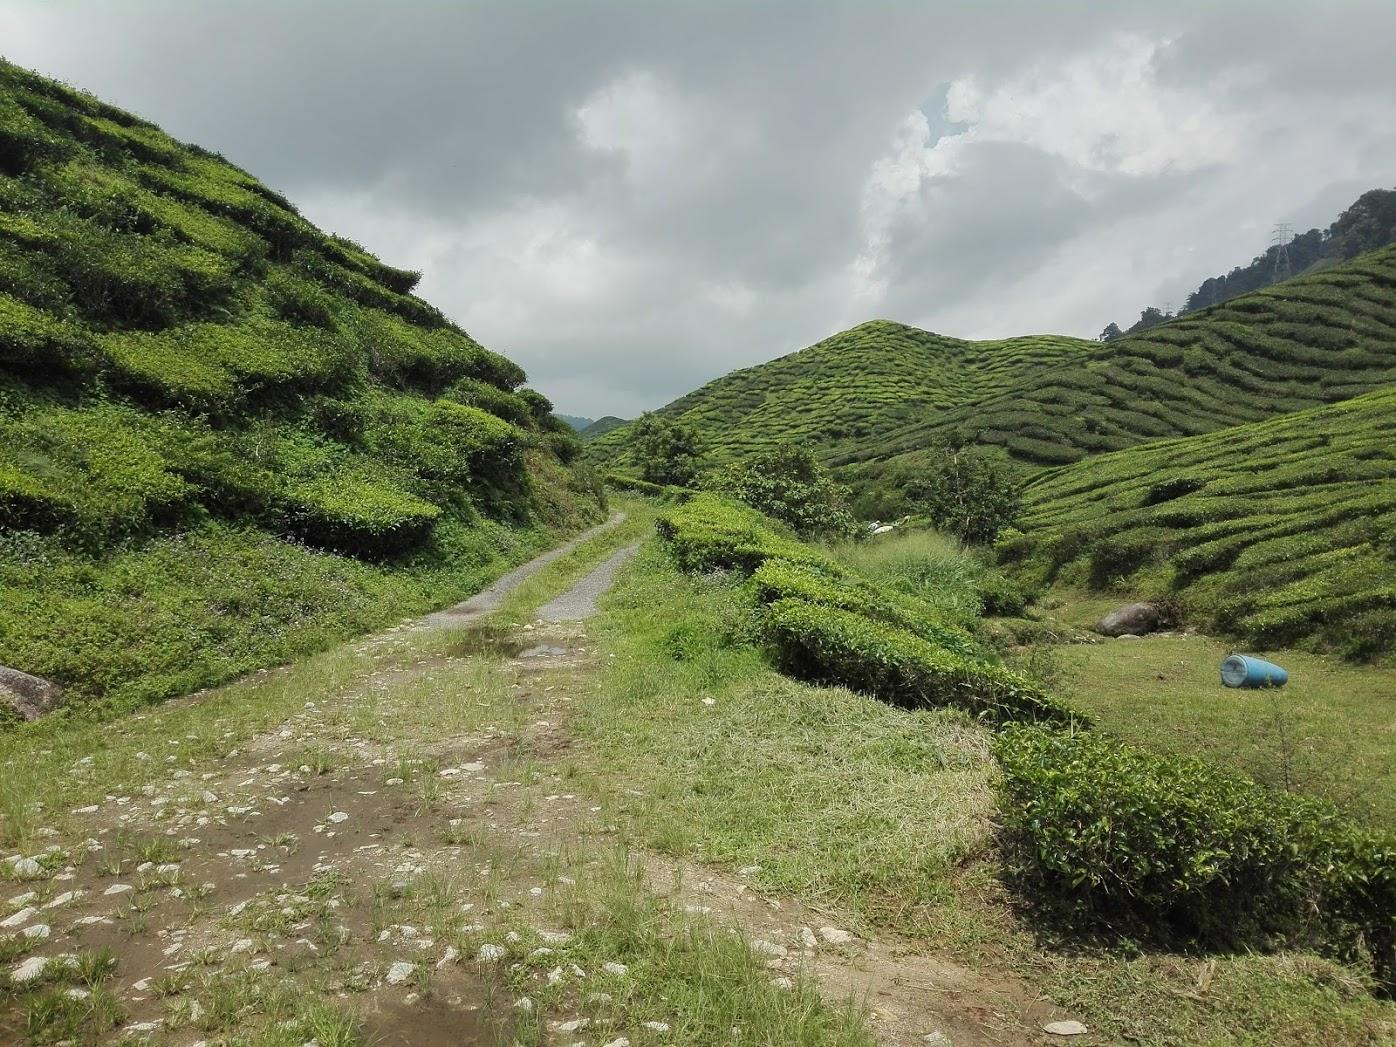 wzgórza herbaciane Malezja